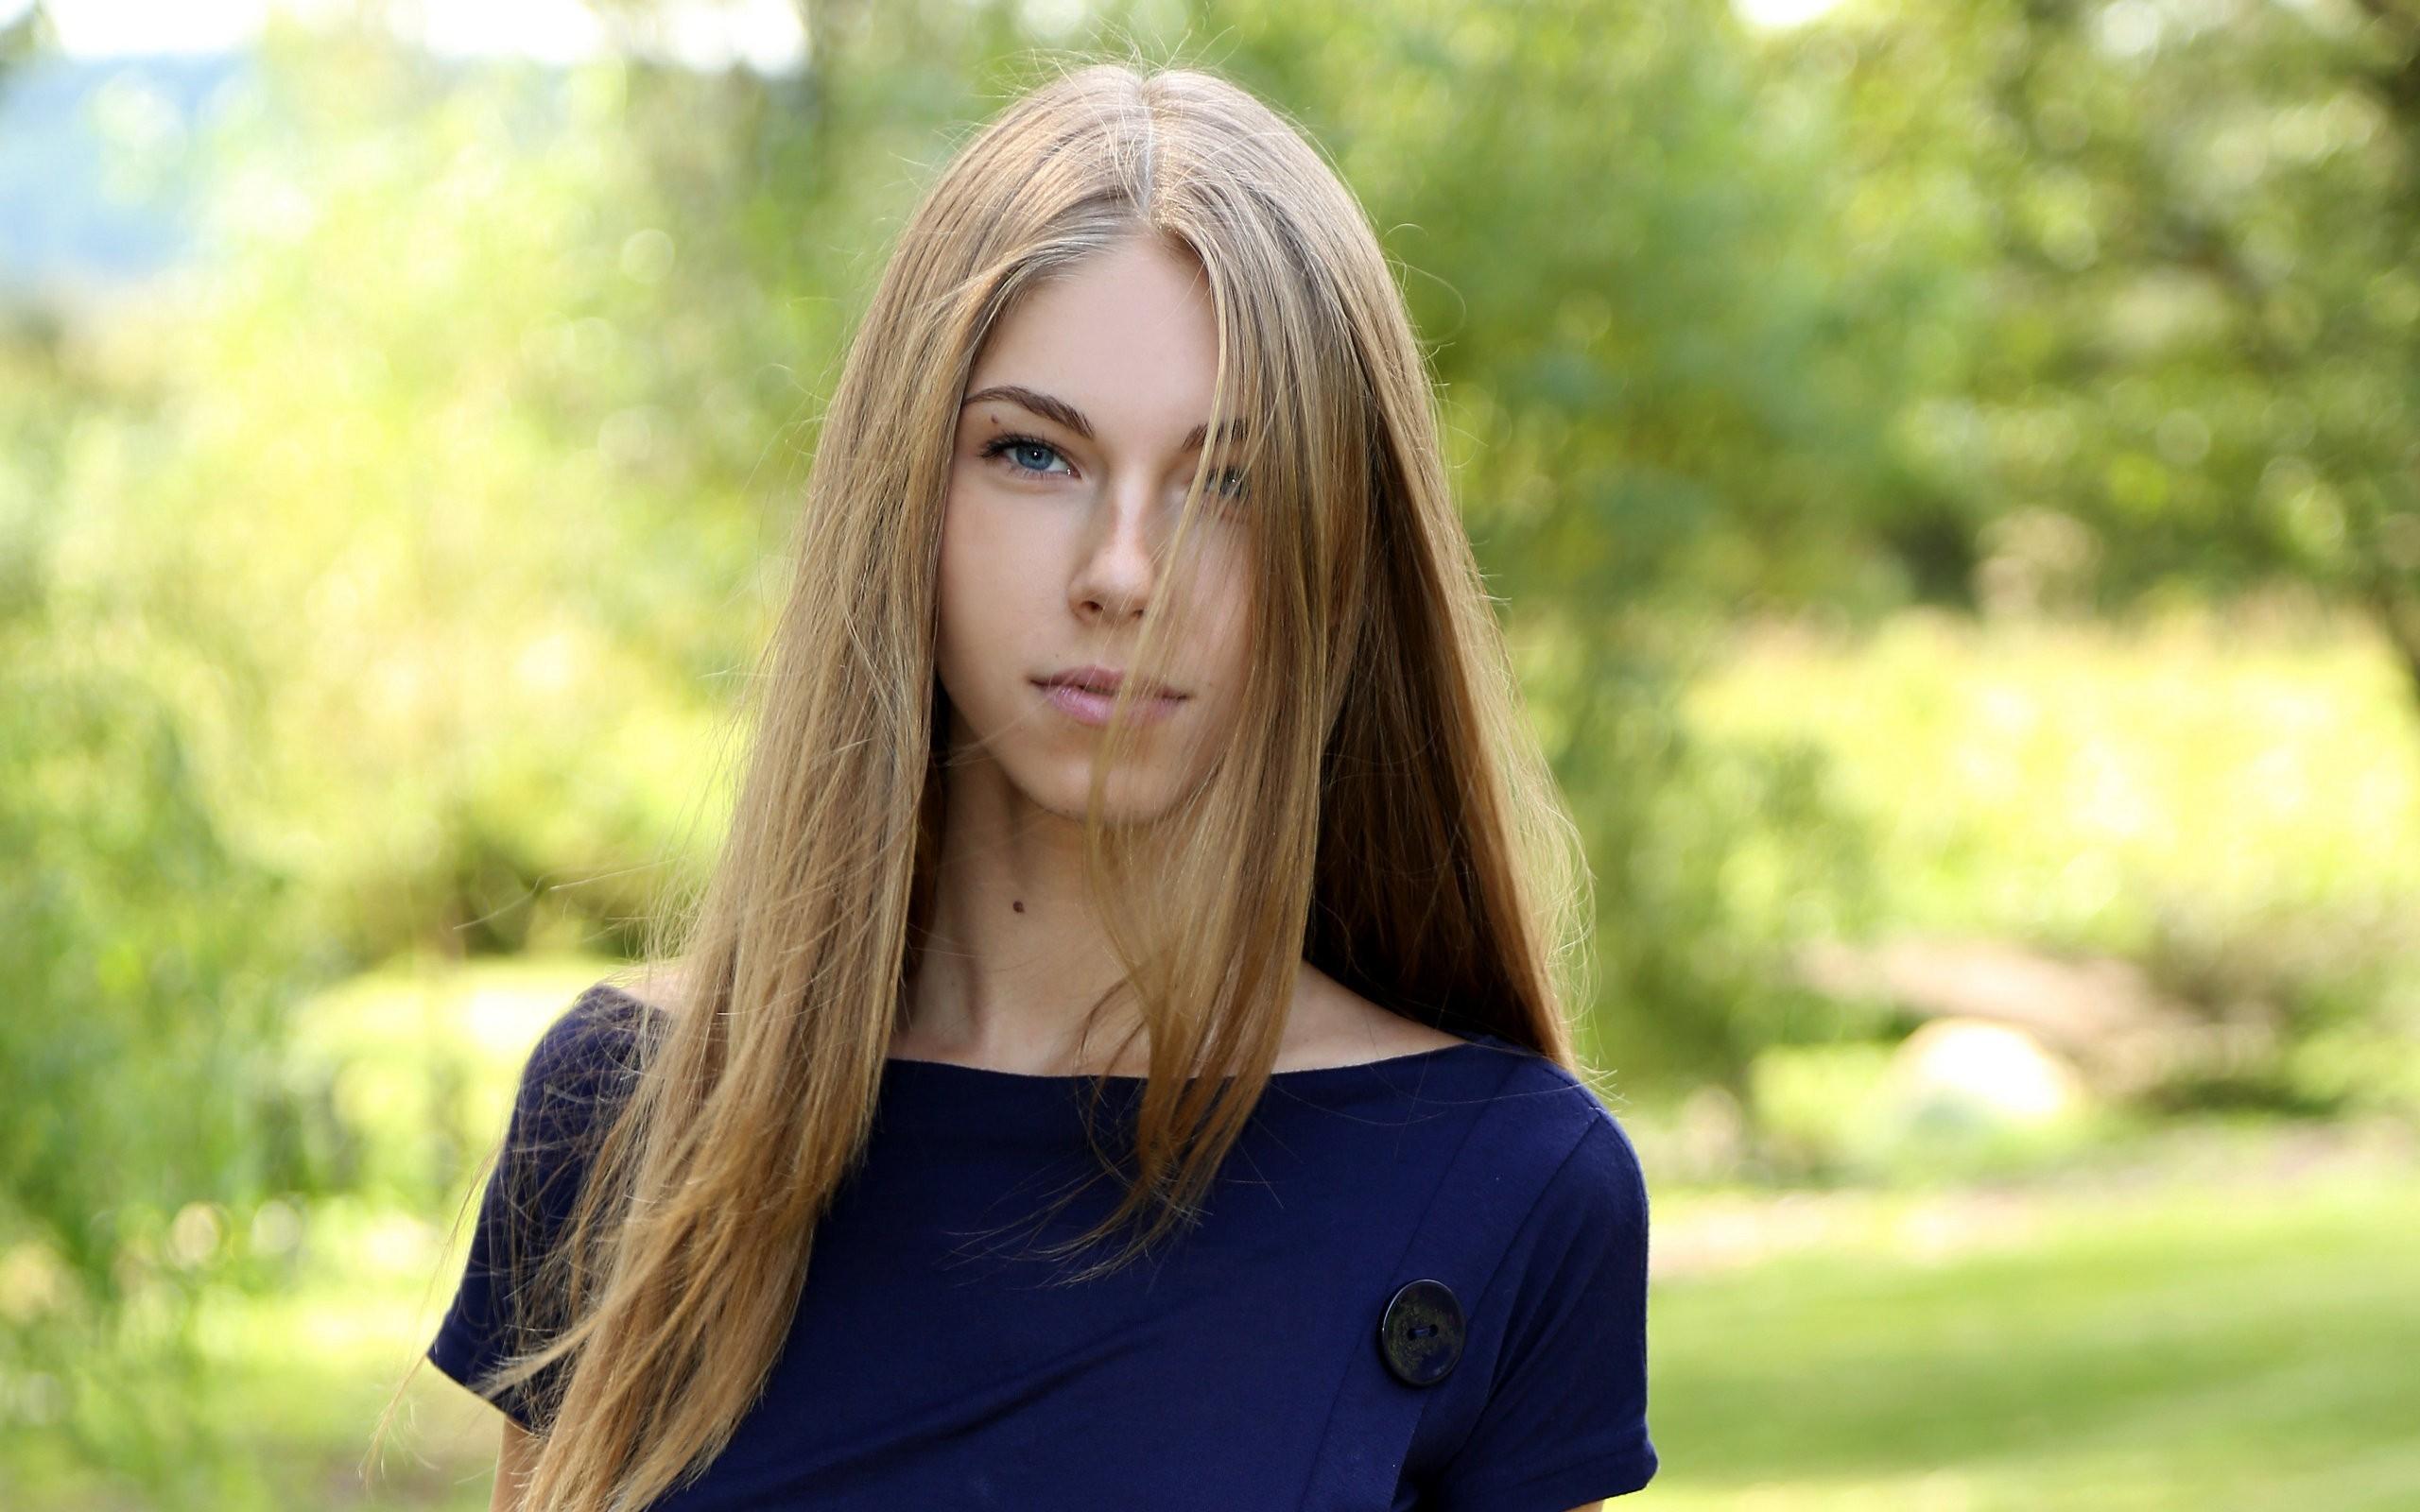 Порно фото бесплатно большие груди блондинки